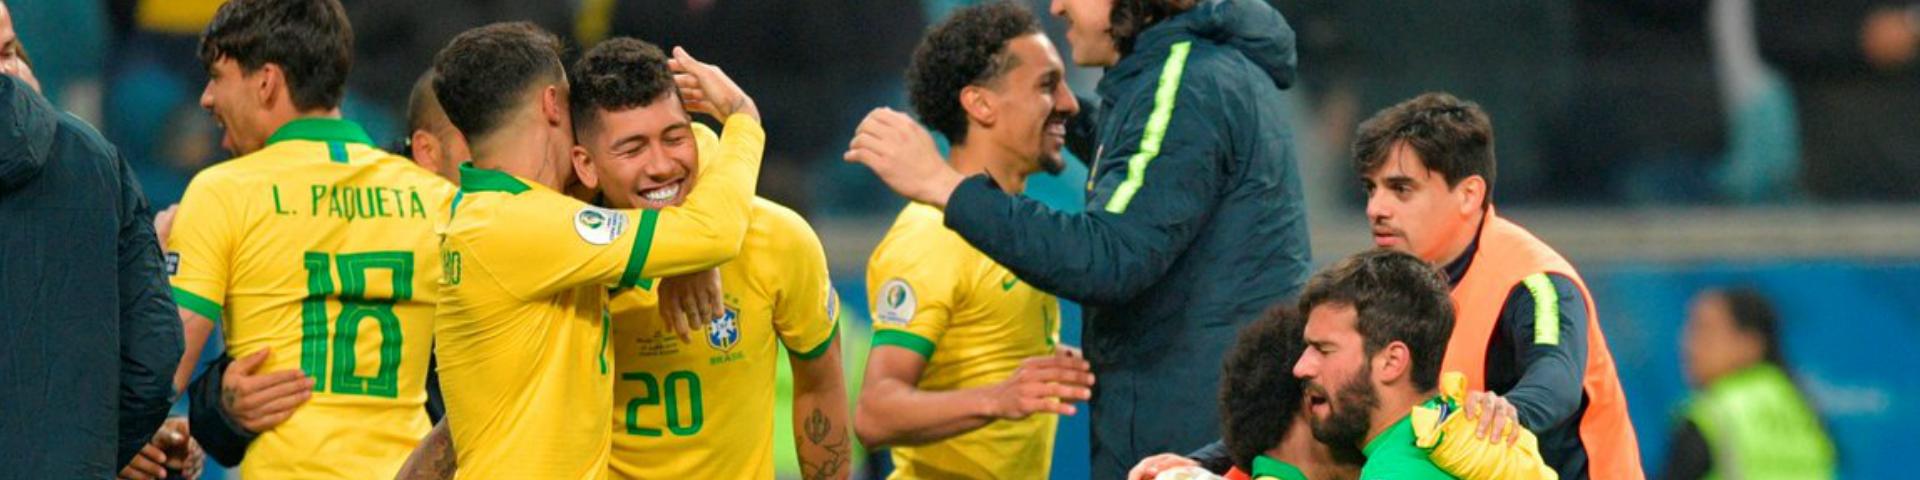 Бразилия вышла в полуфинал Кубка Америки